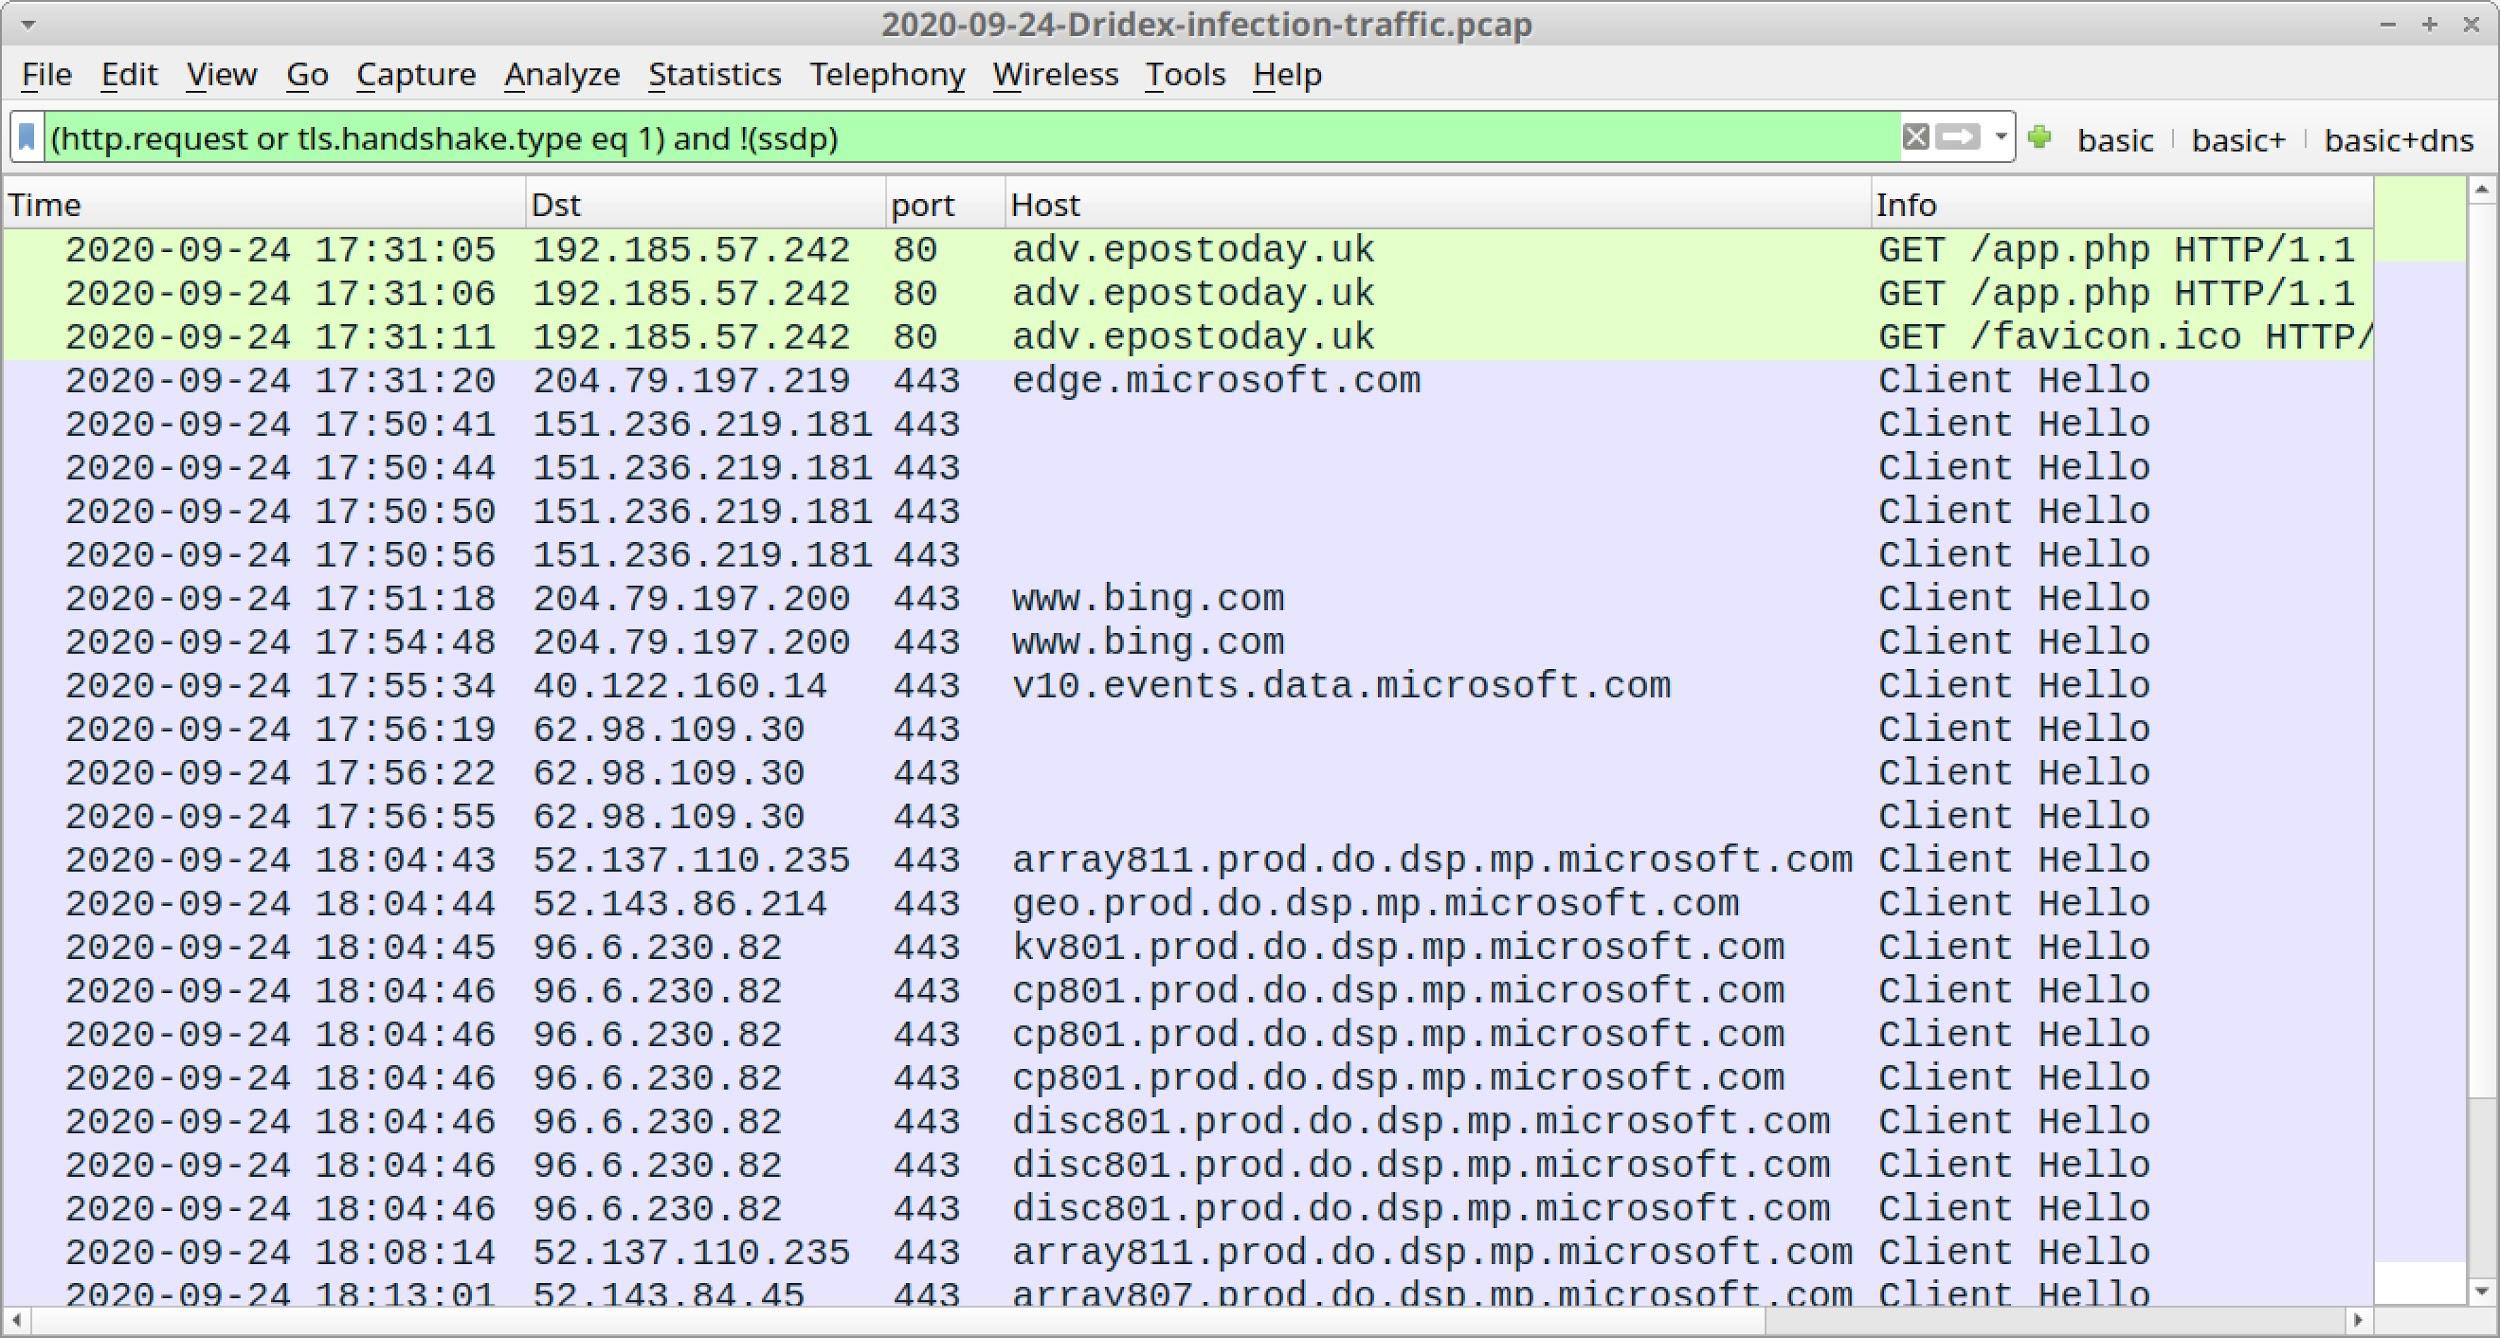 このスクリーンショットは、WiresharkでフィルタリングされたDridex感染トラフィックを示しています。画面には2020-09-24-Dridex-infection-traffic.pcapというラベルが付いています